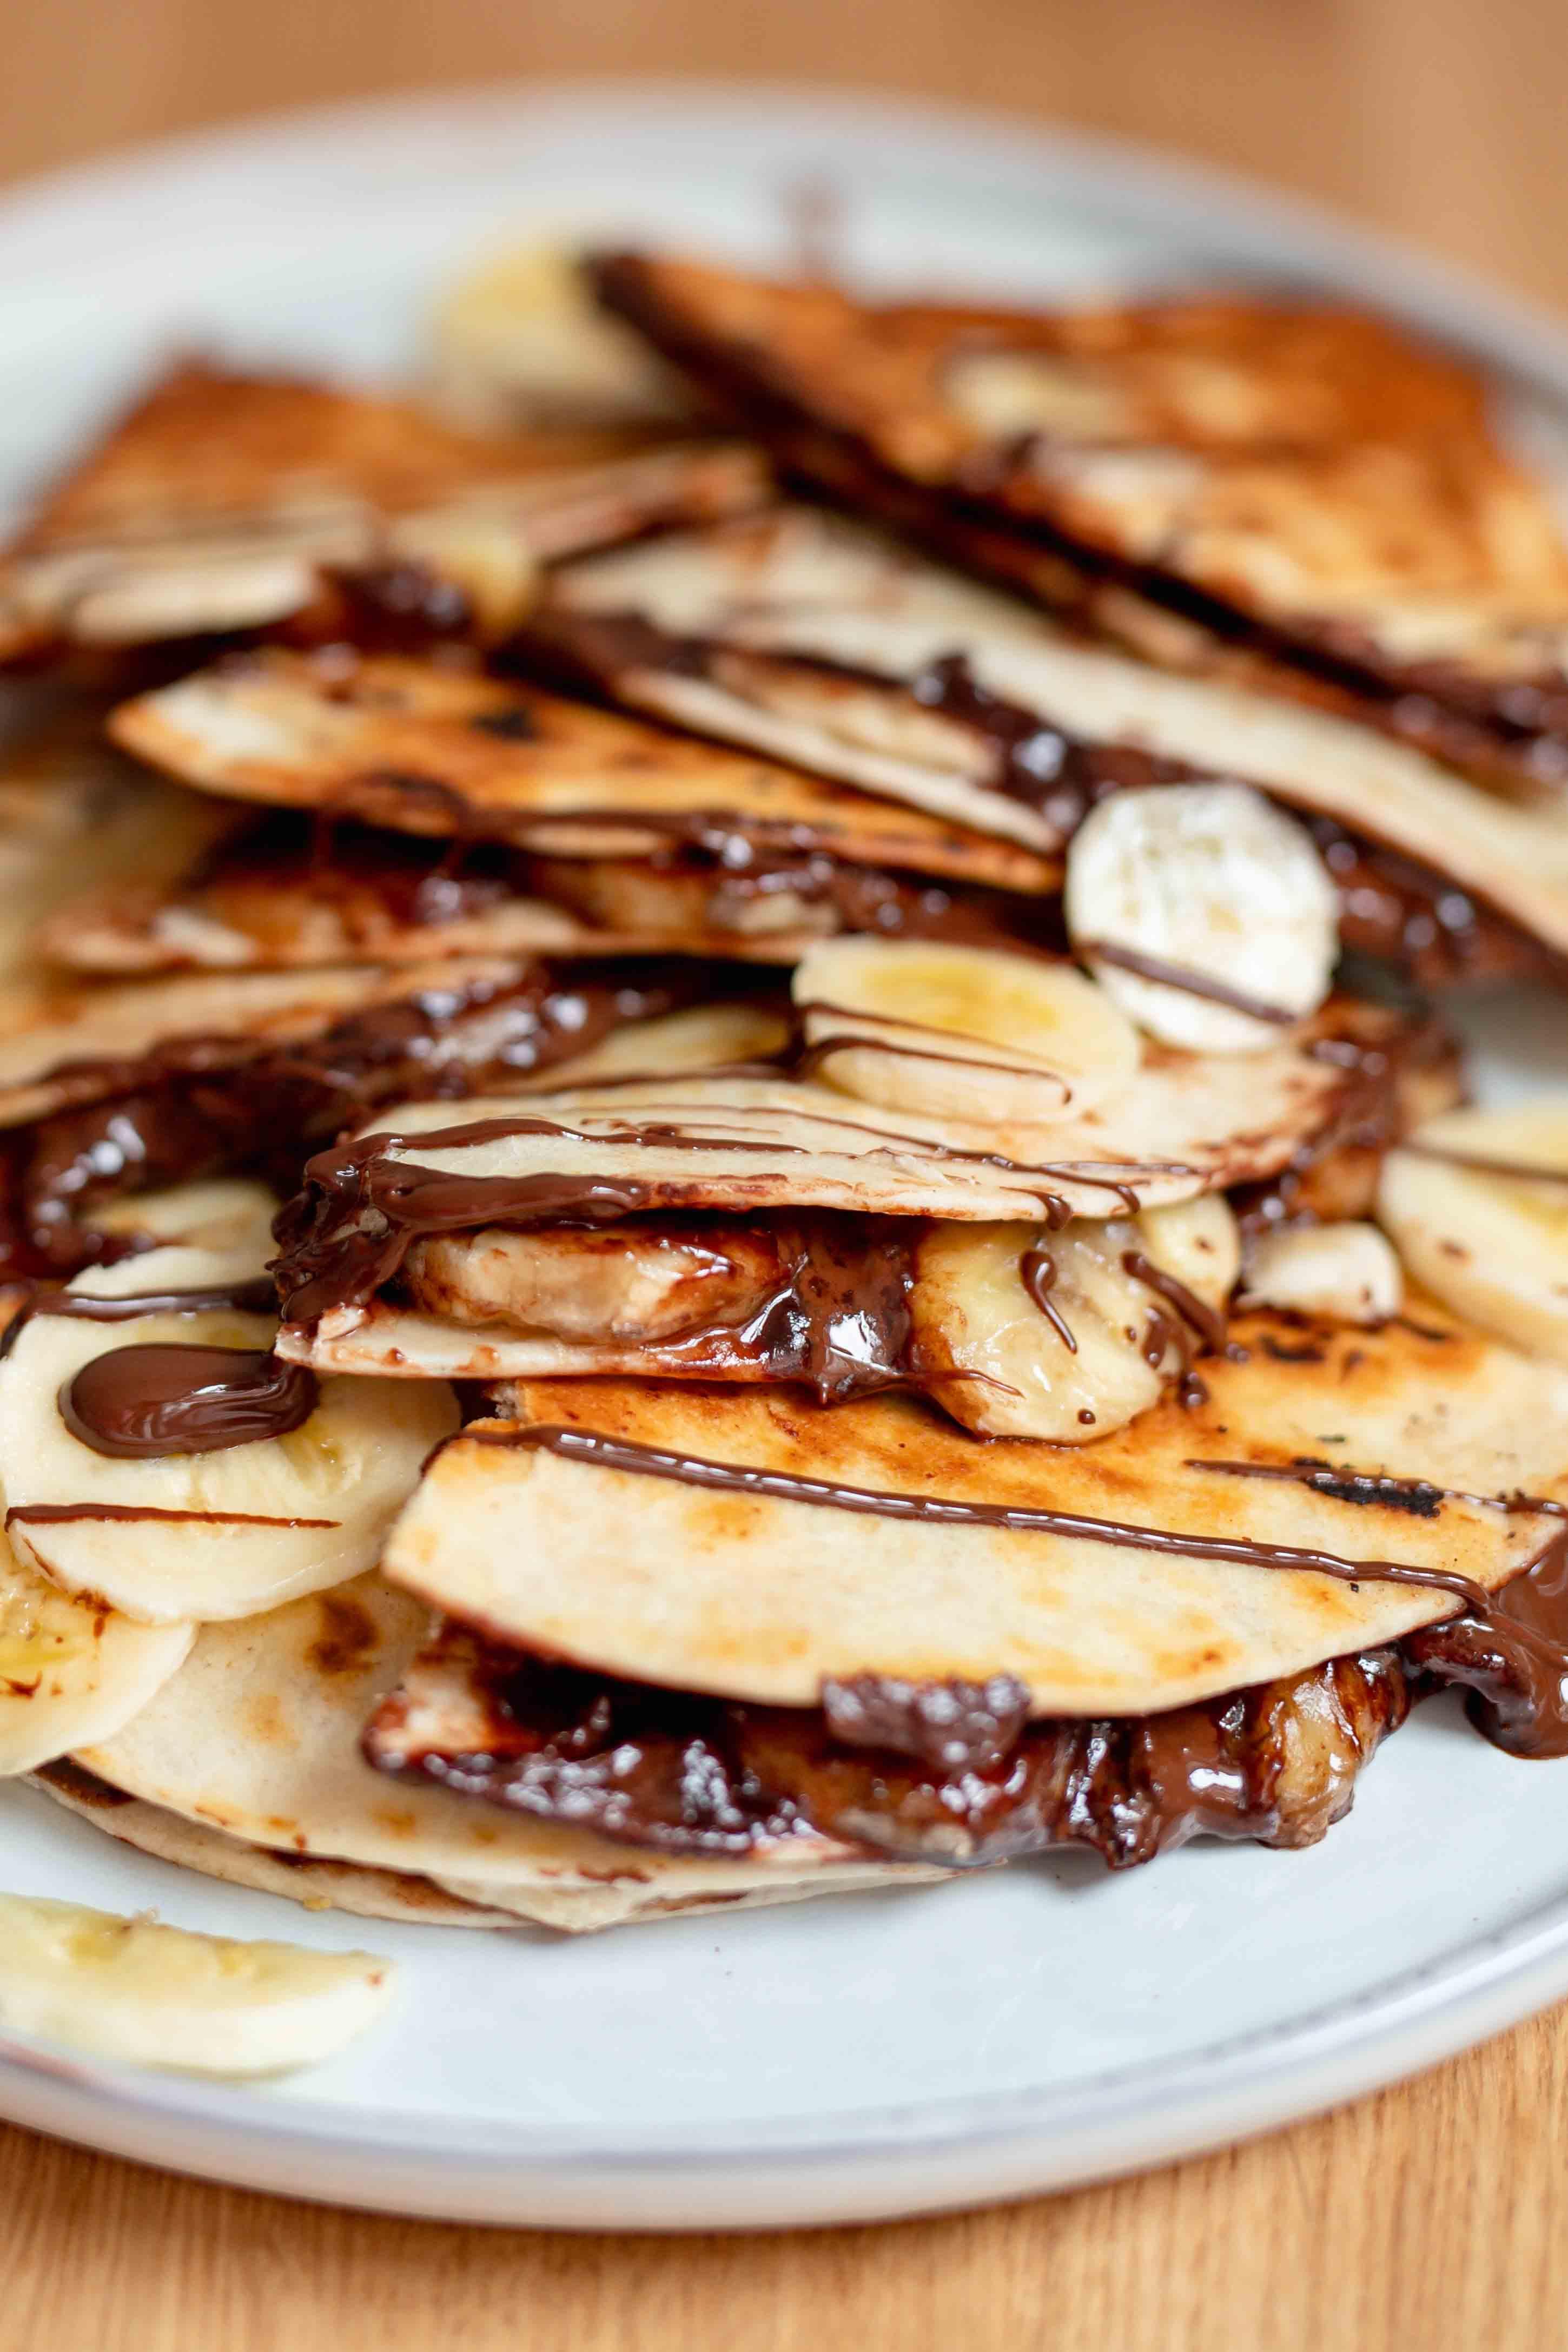 banana and chocolate quesadillas